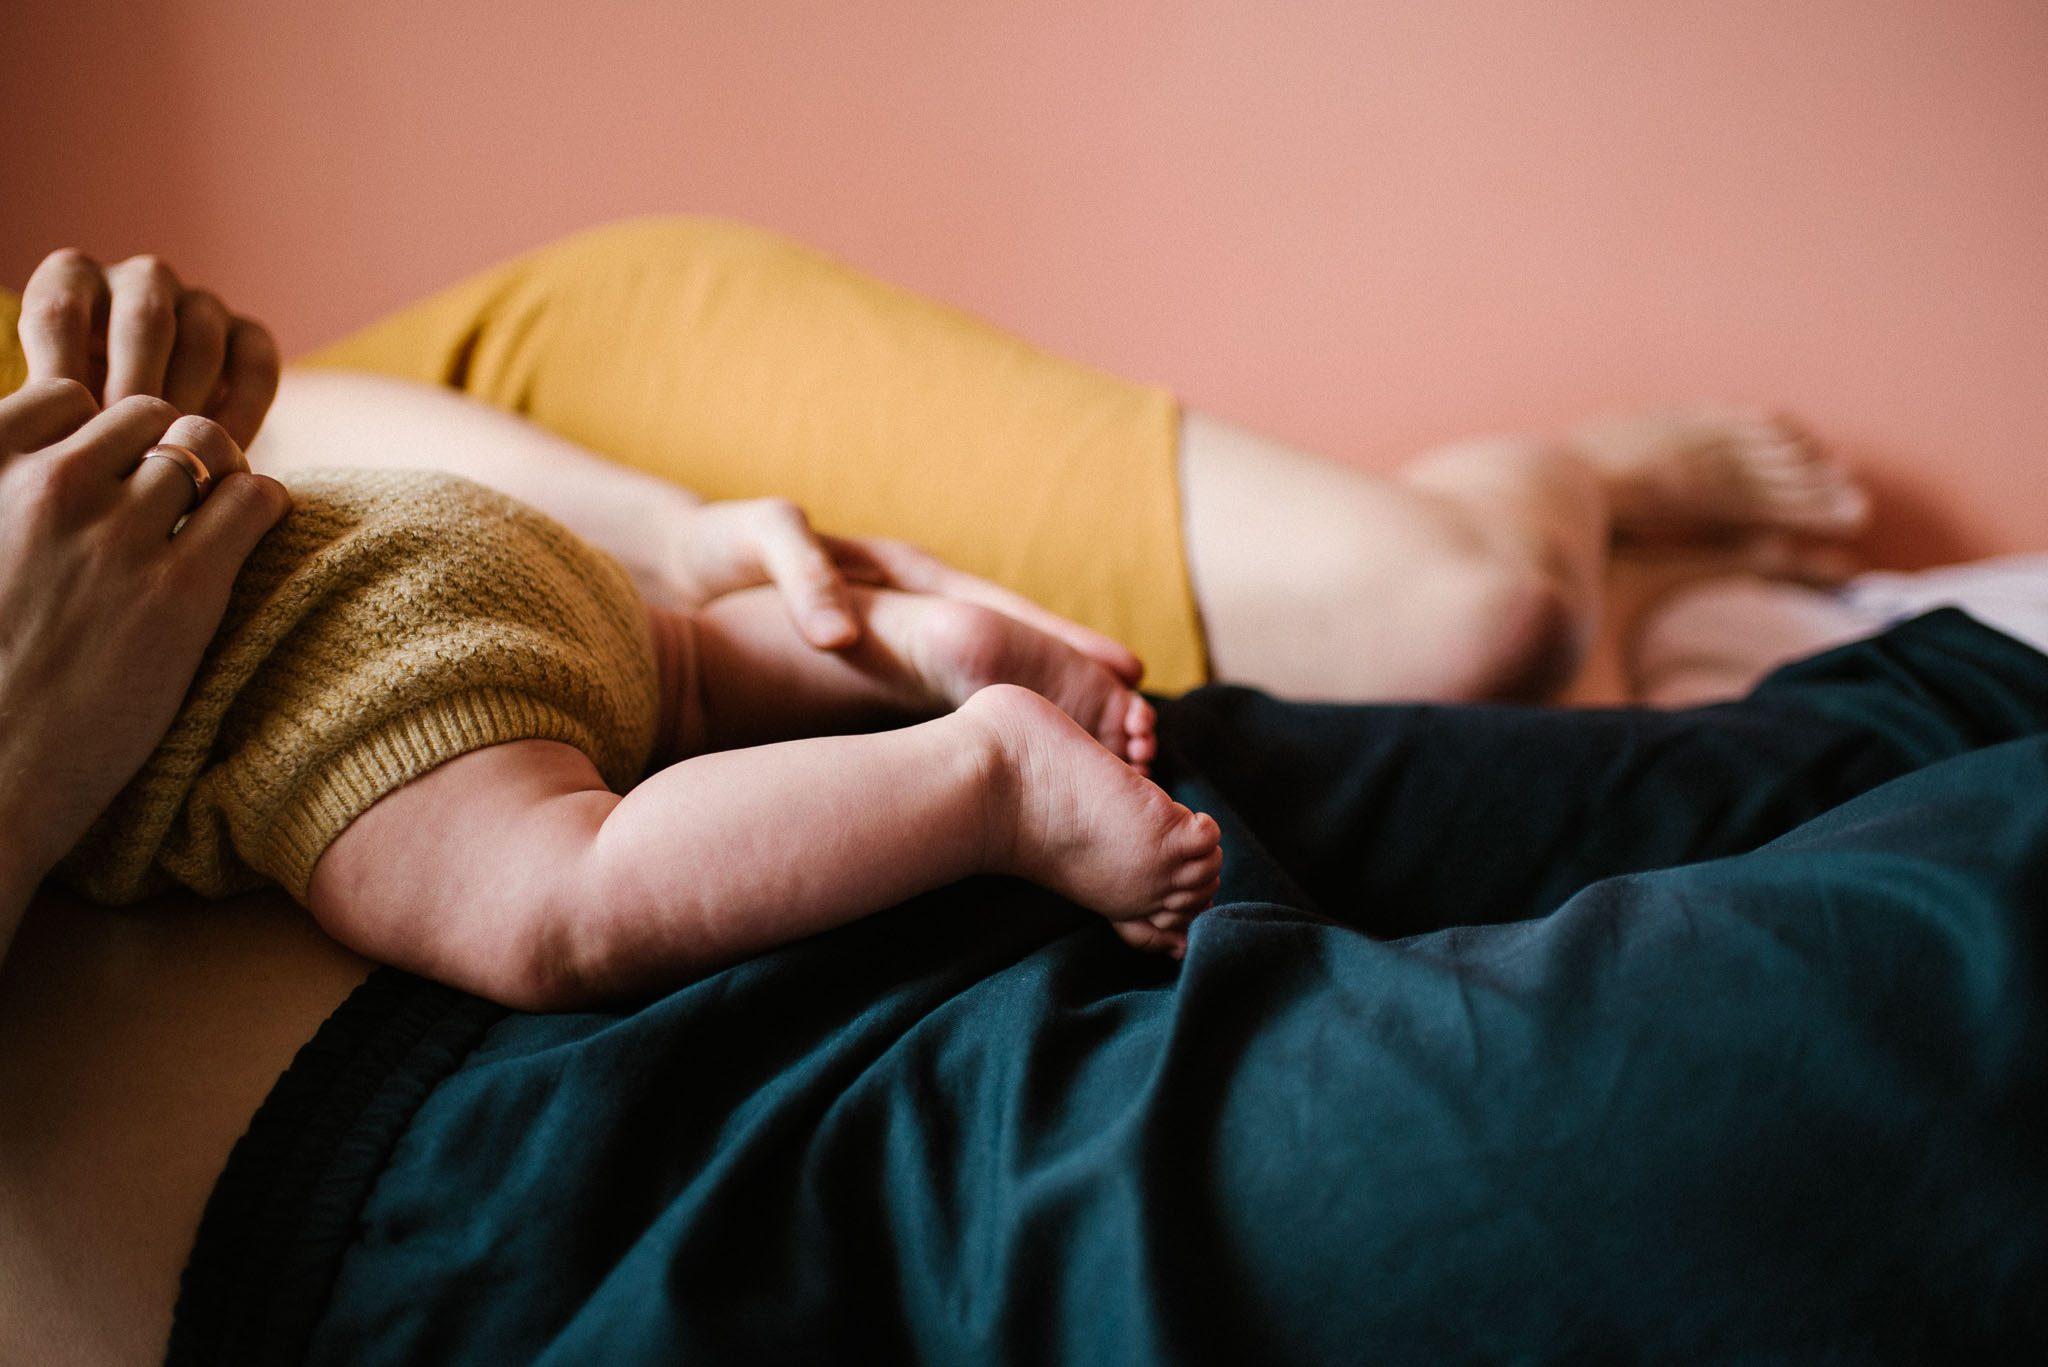 Stópki niemowlęcia leżącego na tacie - sesja niemowlęca lifestyle w domu Poznań